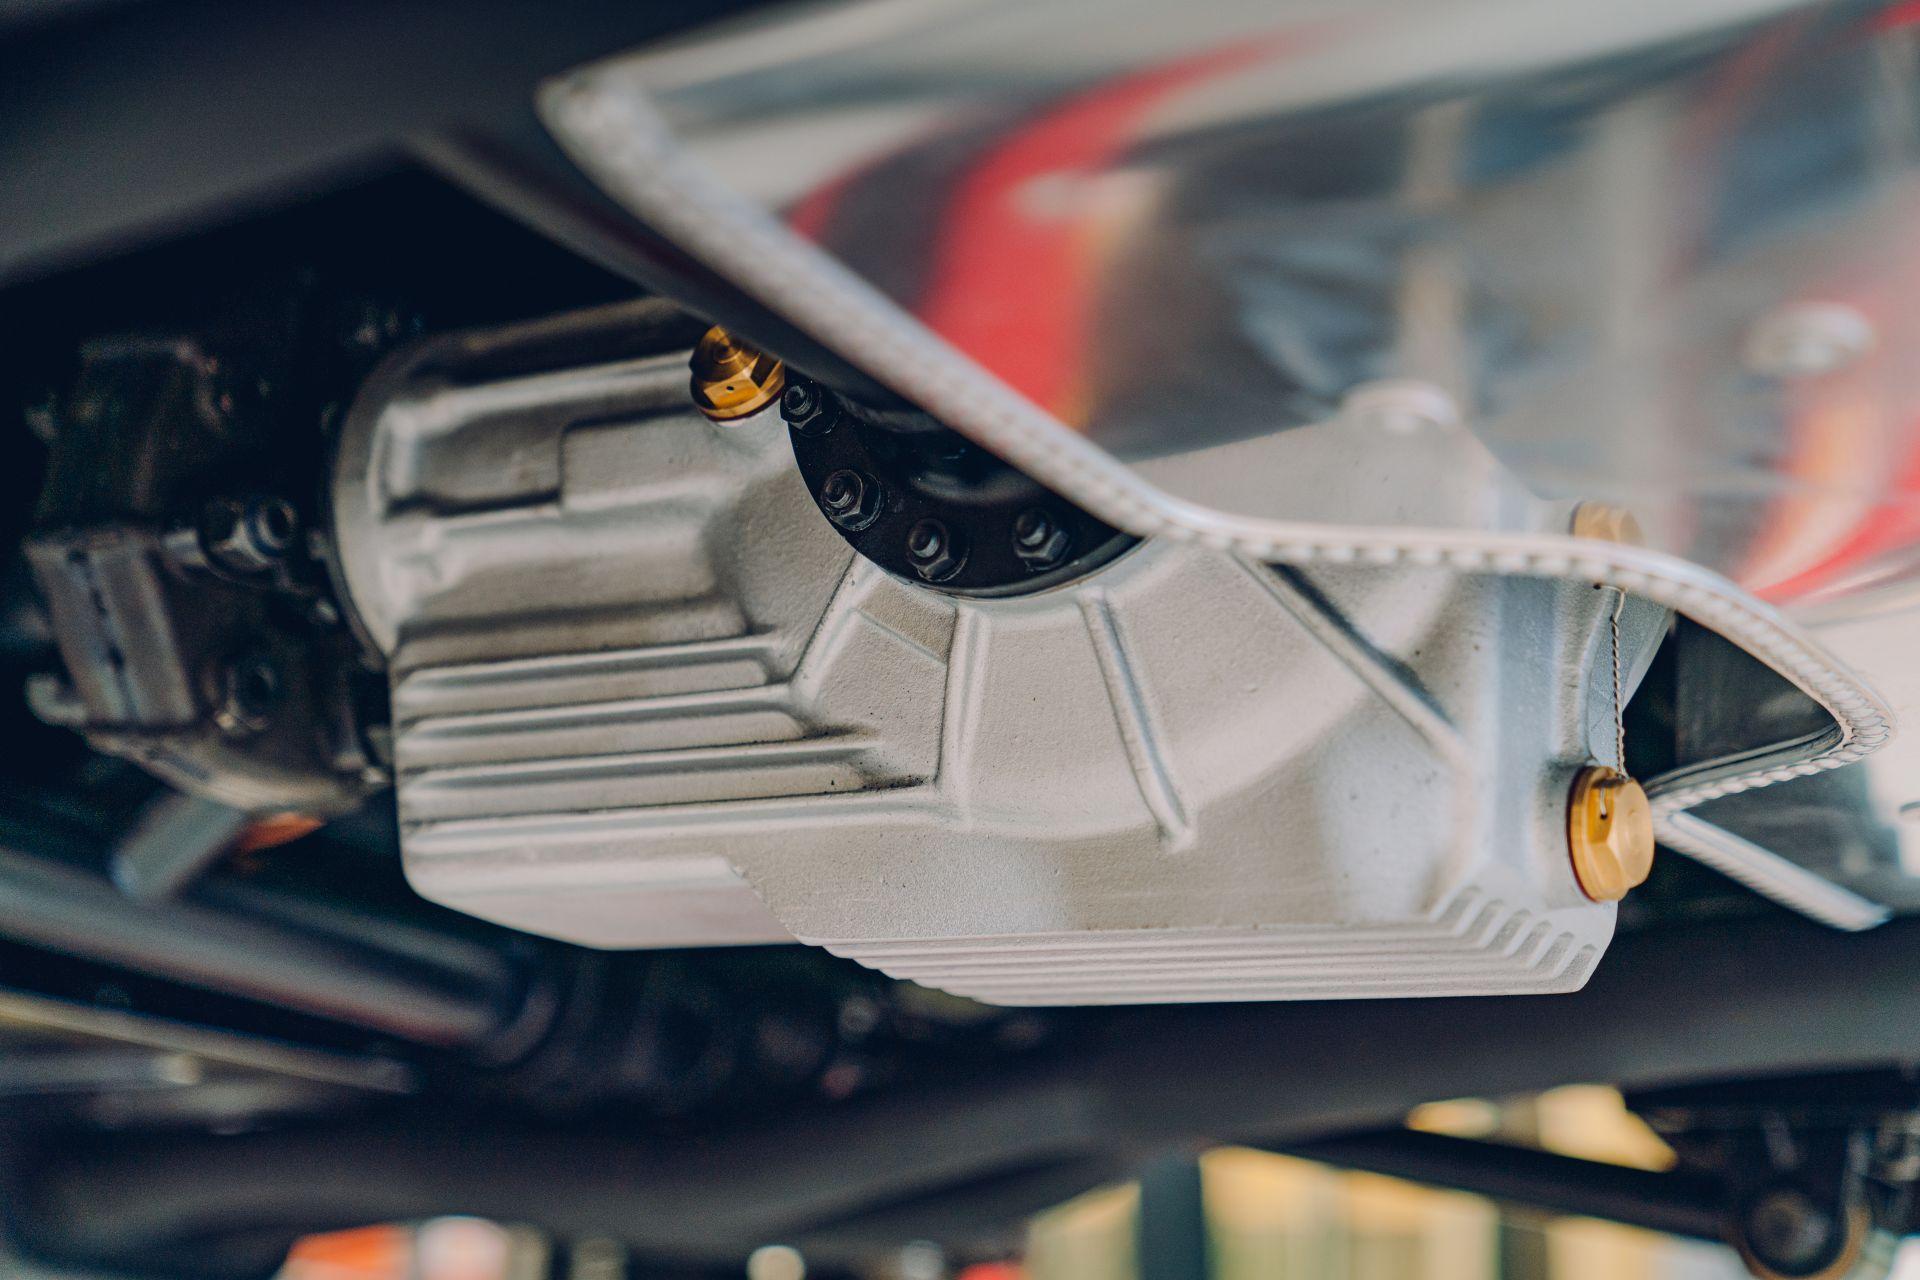 Ferrari-250-GT-SWB-Berlinetta-Competizione-Revival-by-GTO-Engineering-15